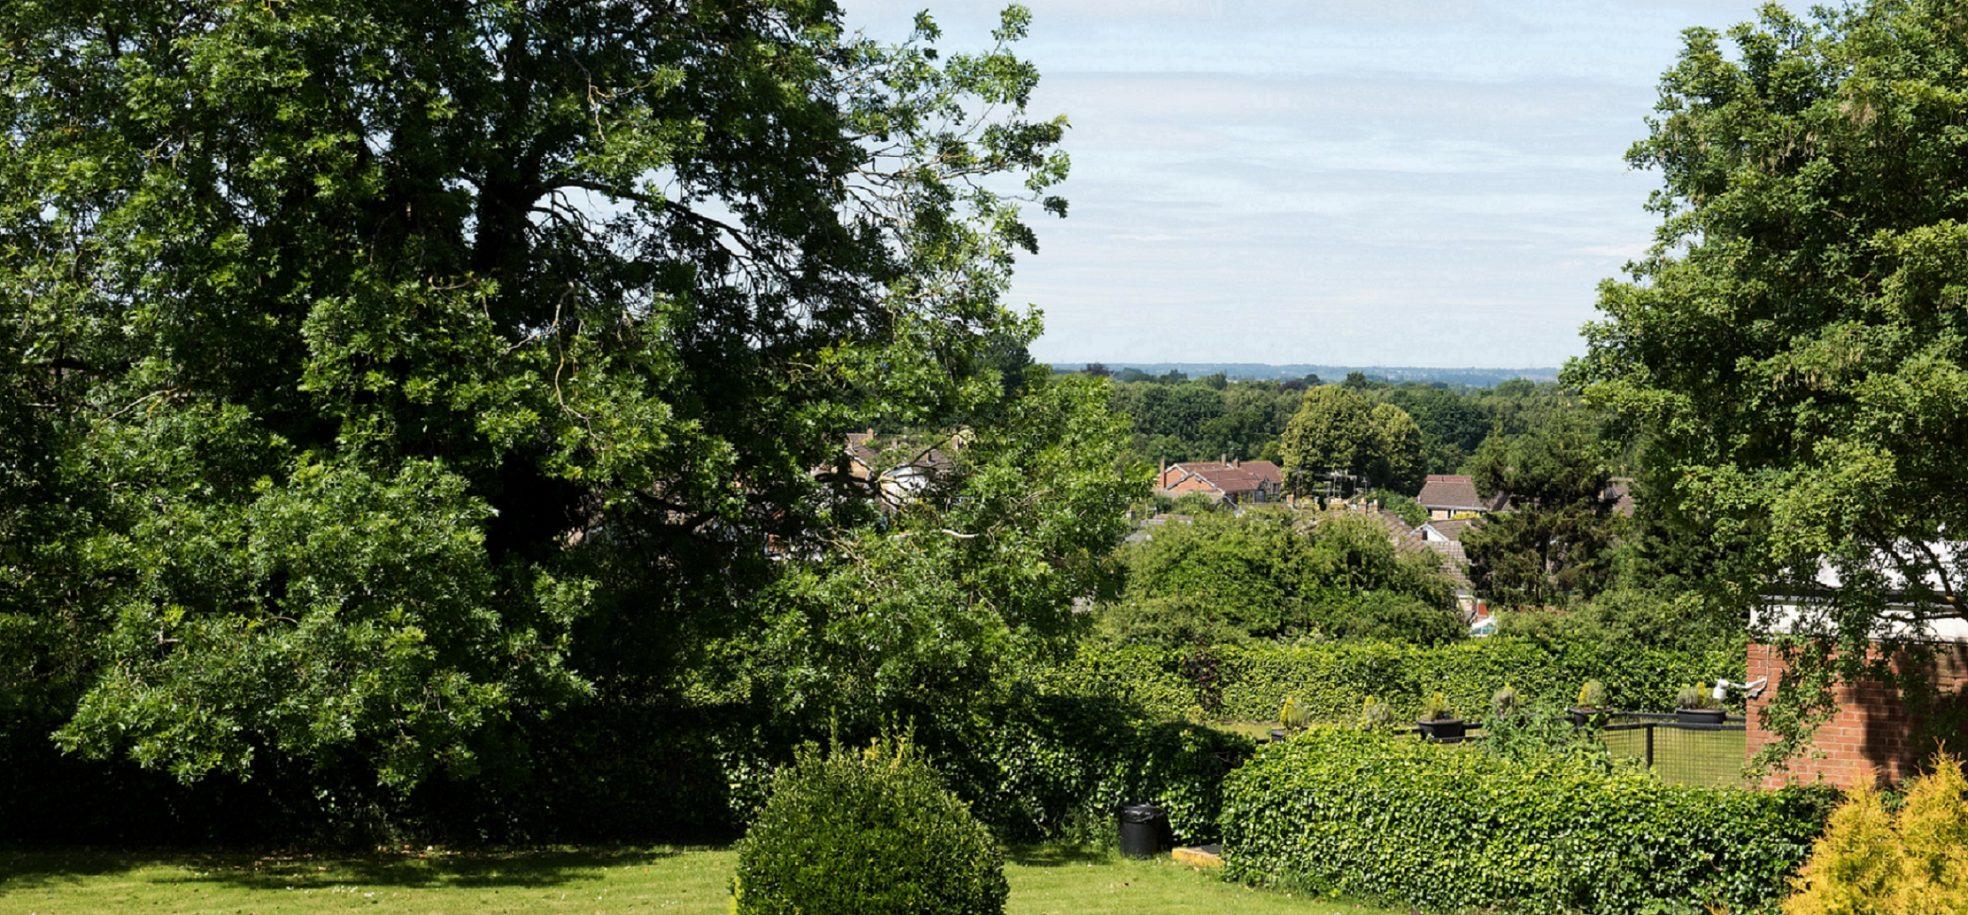 Devonshire Court garden